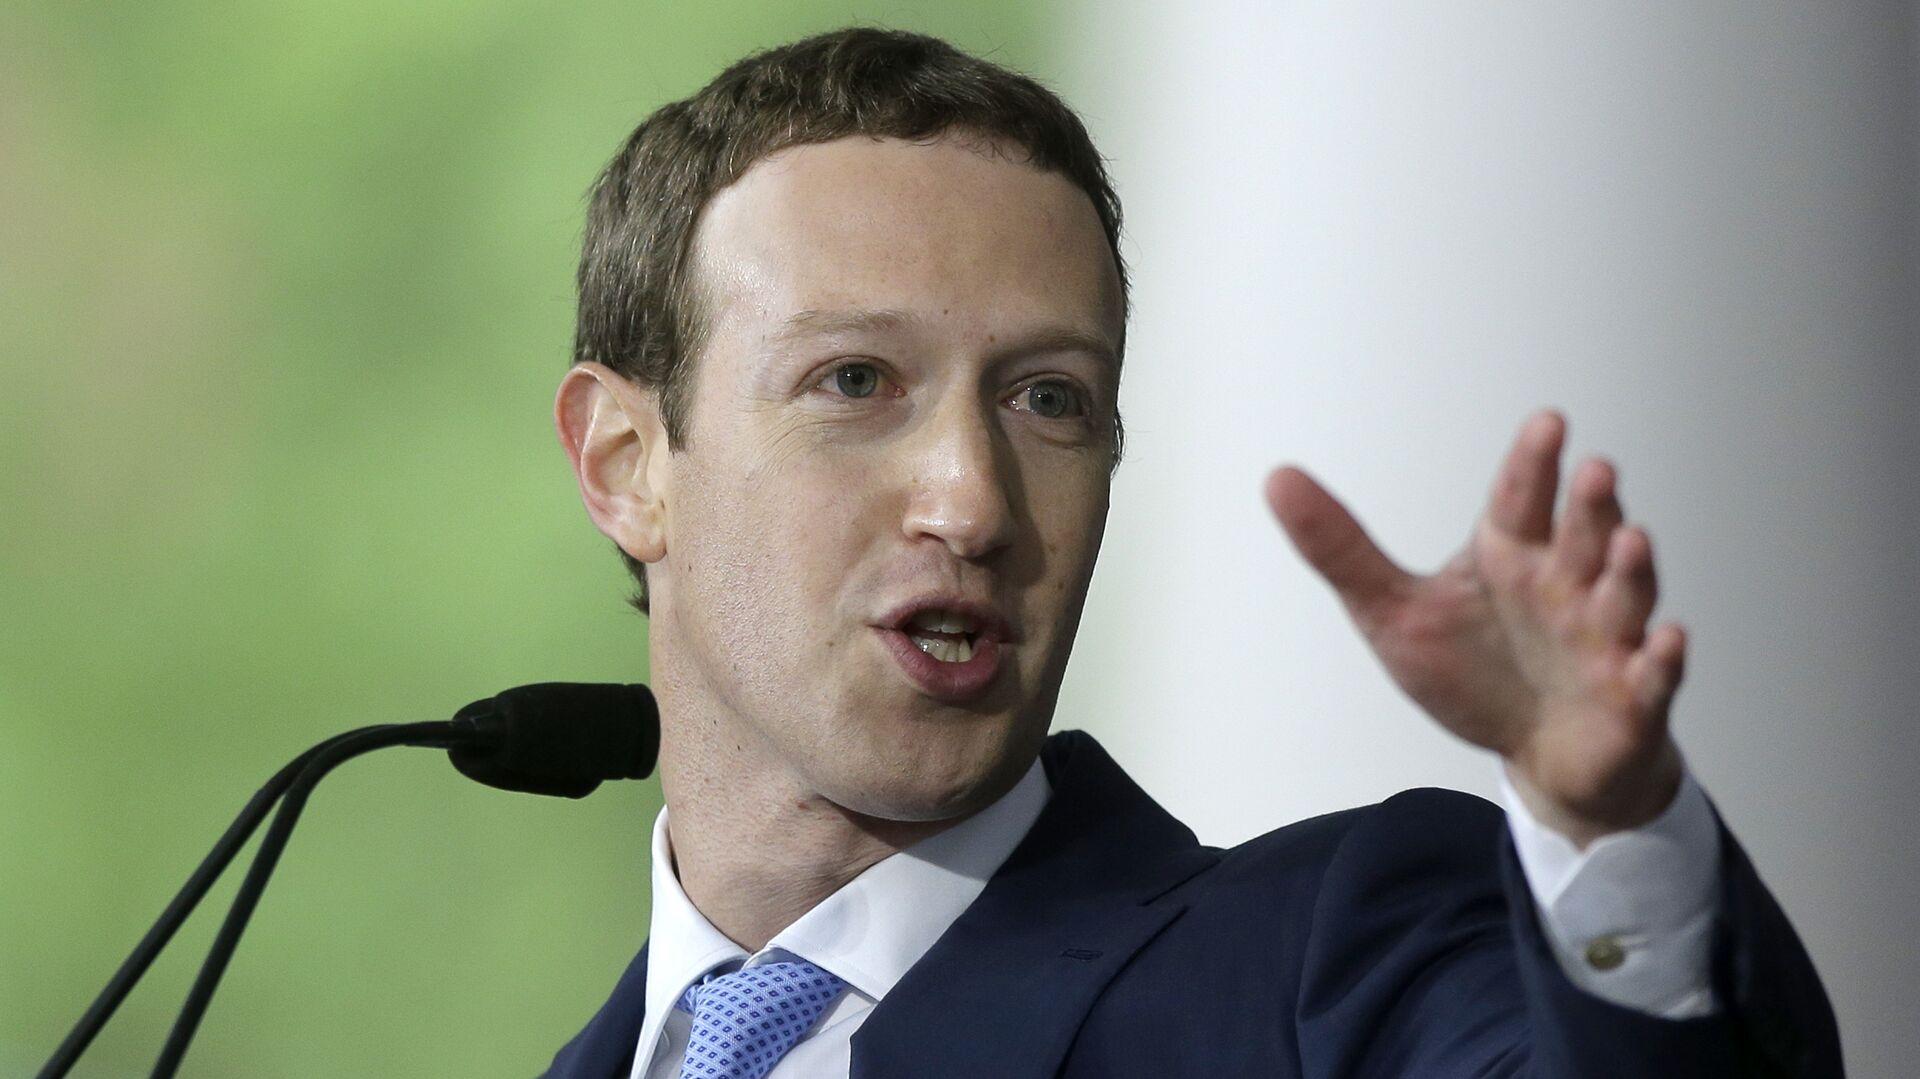 Основатель Facebook Марк Цукерберг во время выступления в Гарварде. Май 2017  - РИА Новости, 1920, 08.08.2020